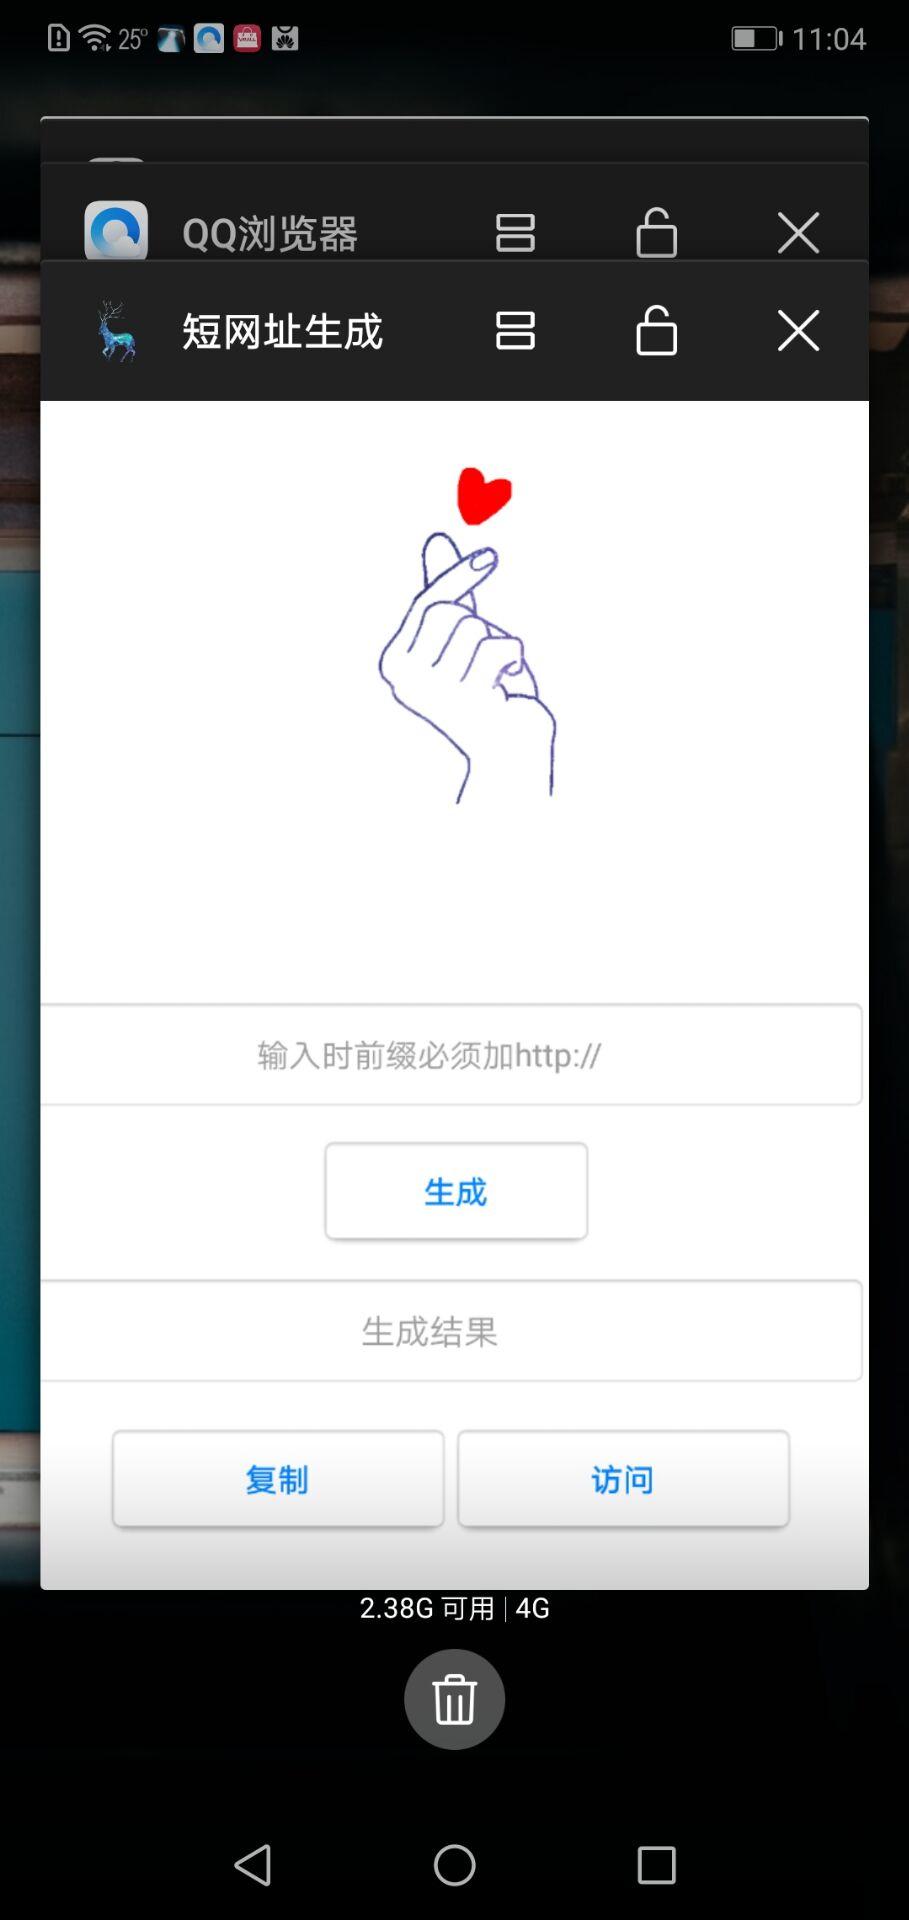 【资源分享】短网址生成-爱小助